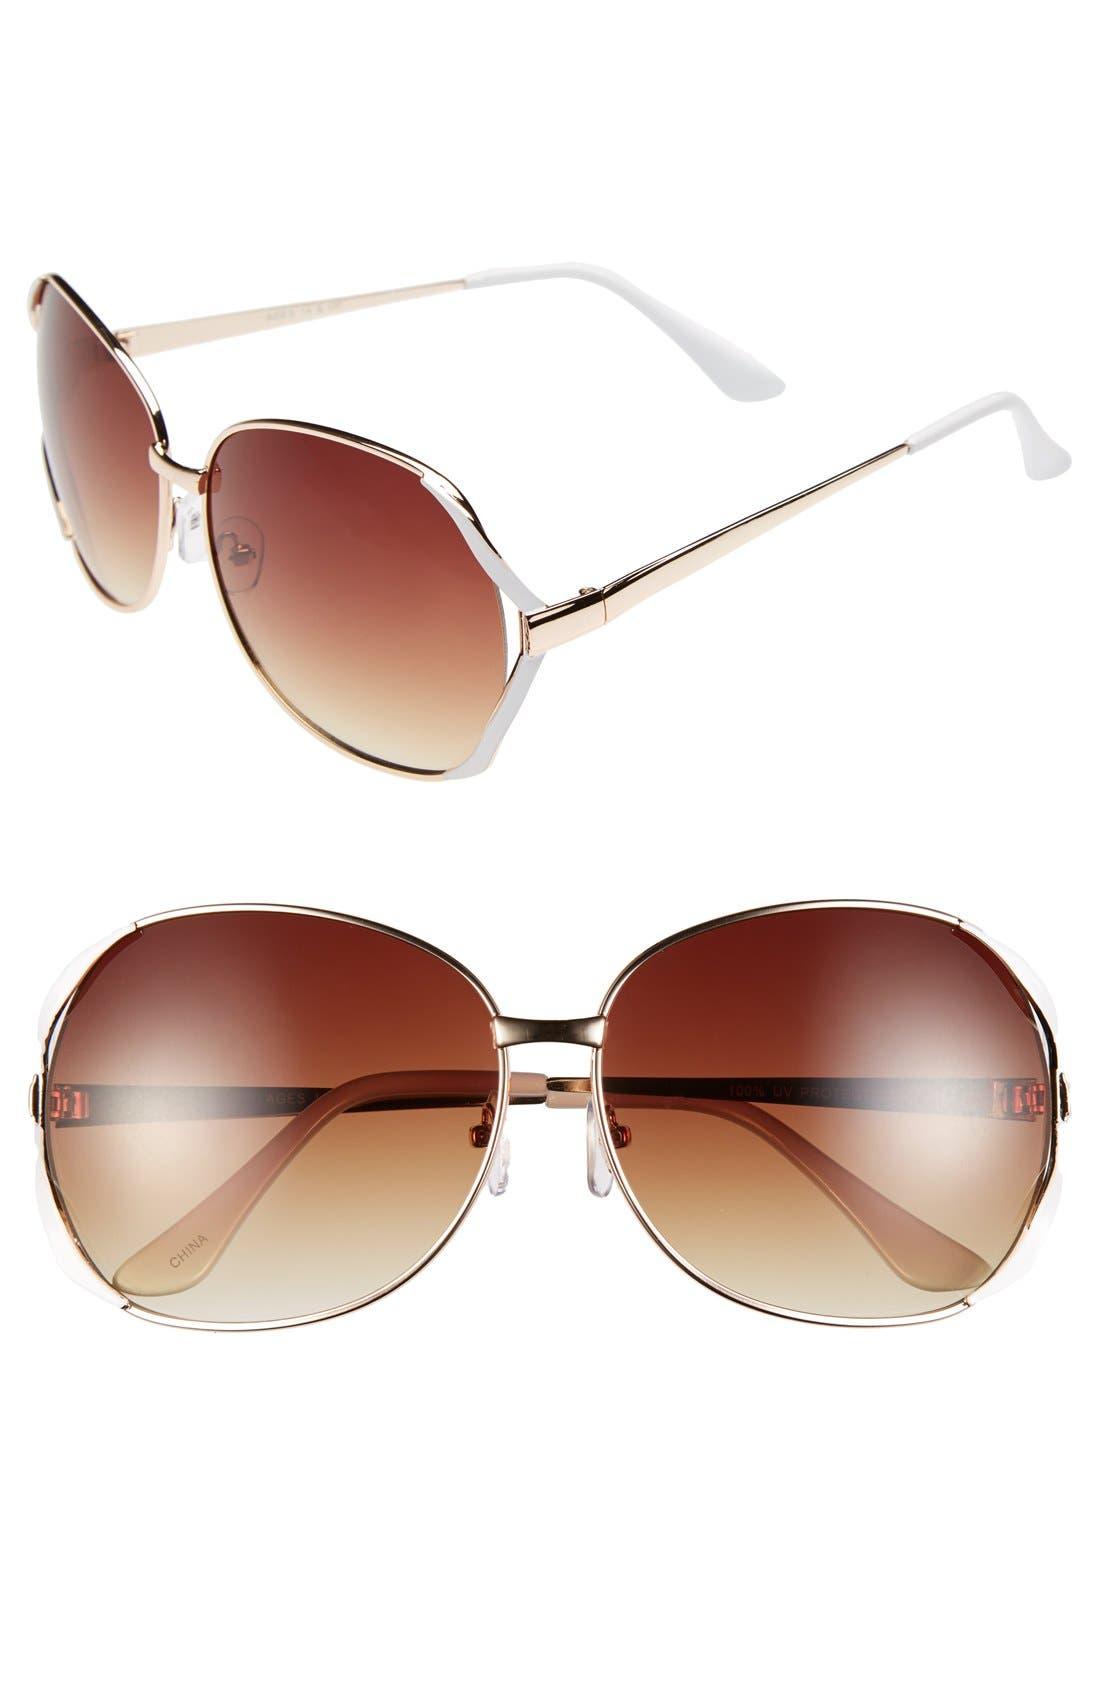 Alternate Image 1 Selected - Fantas Eyes 'San Juan' Aviator Sunglasses (Juniors)